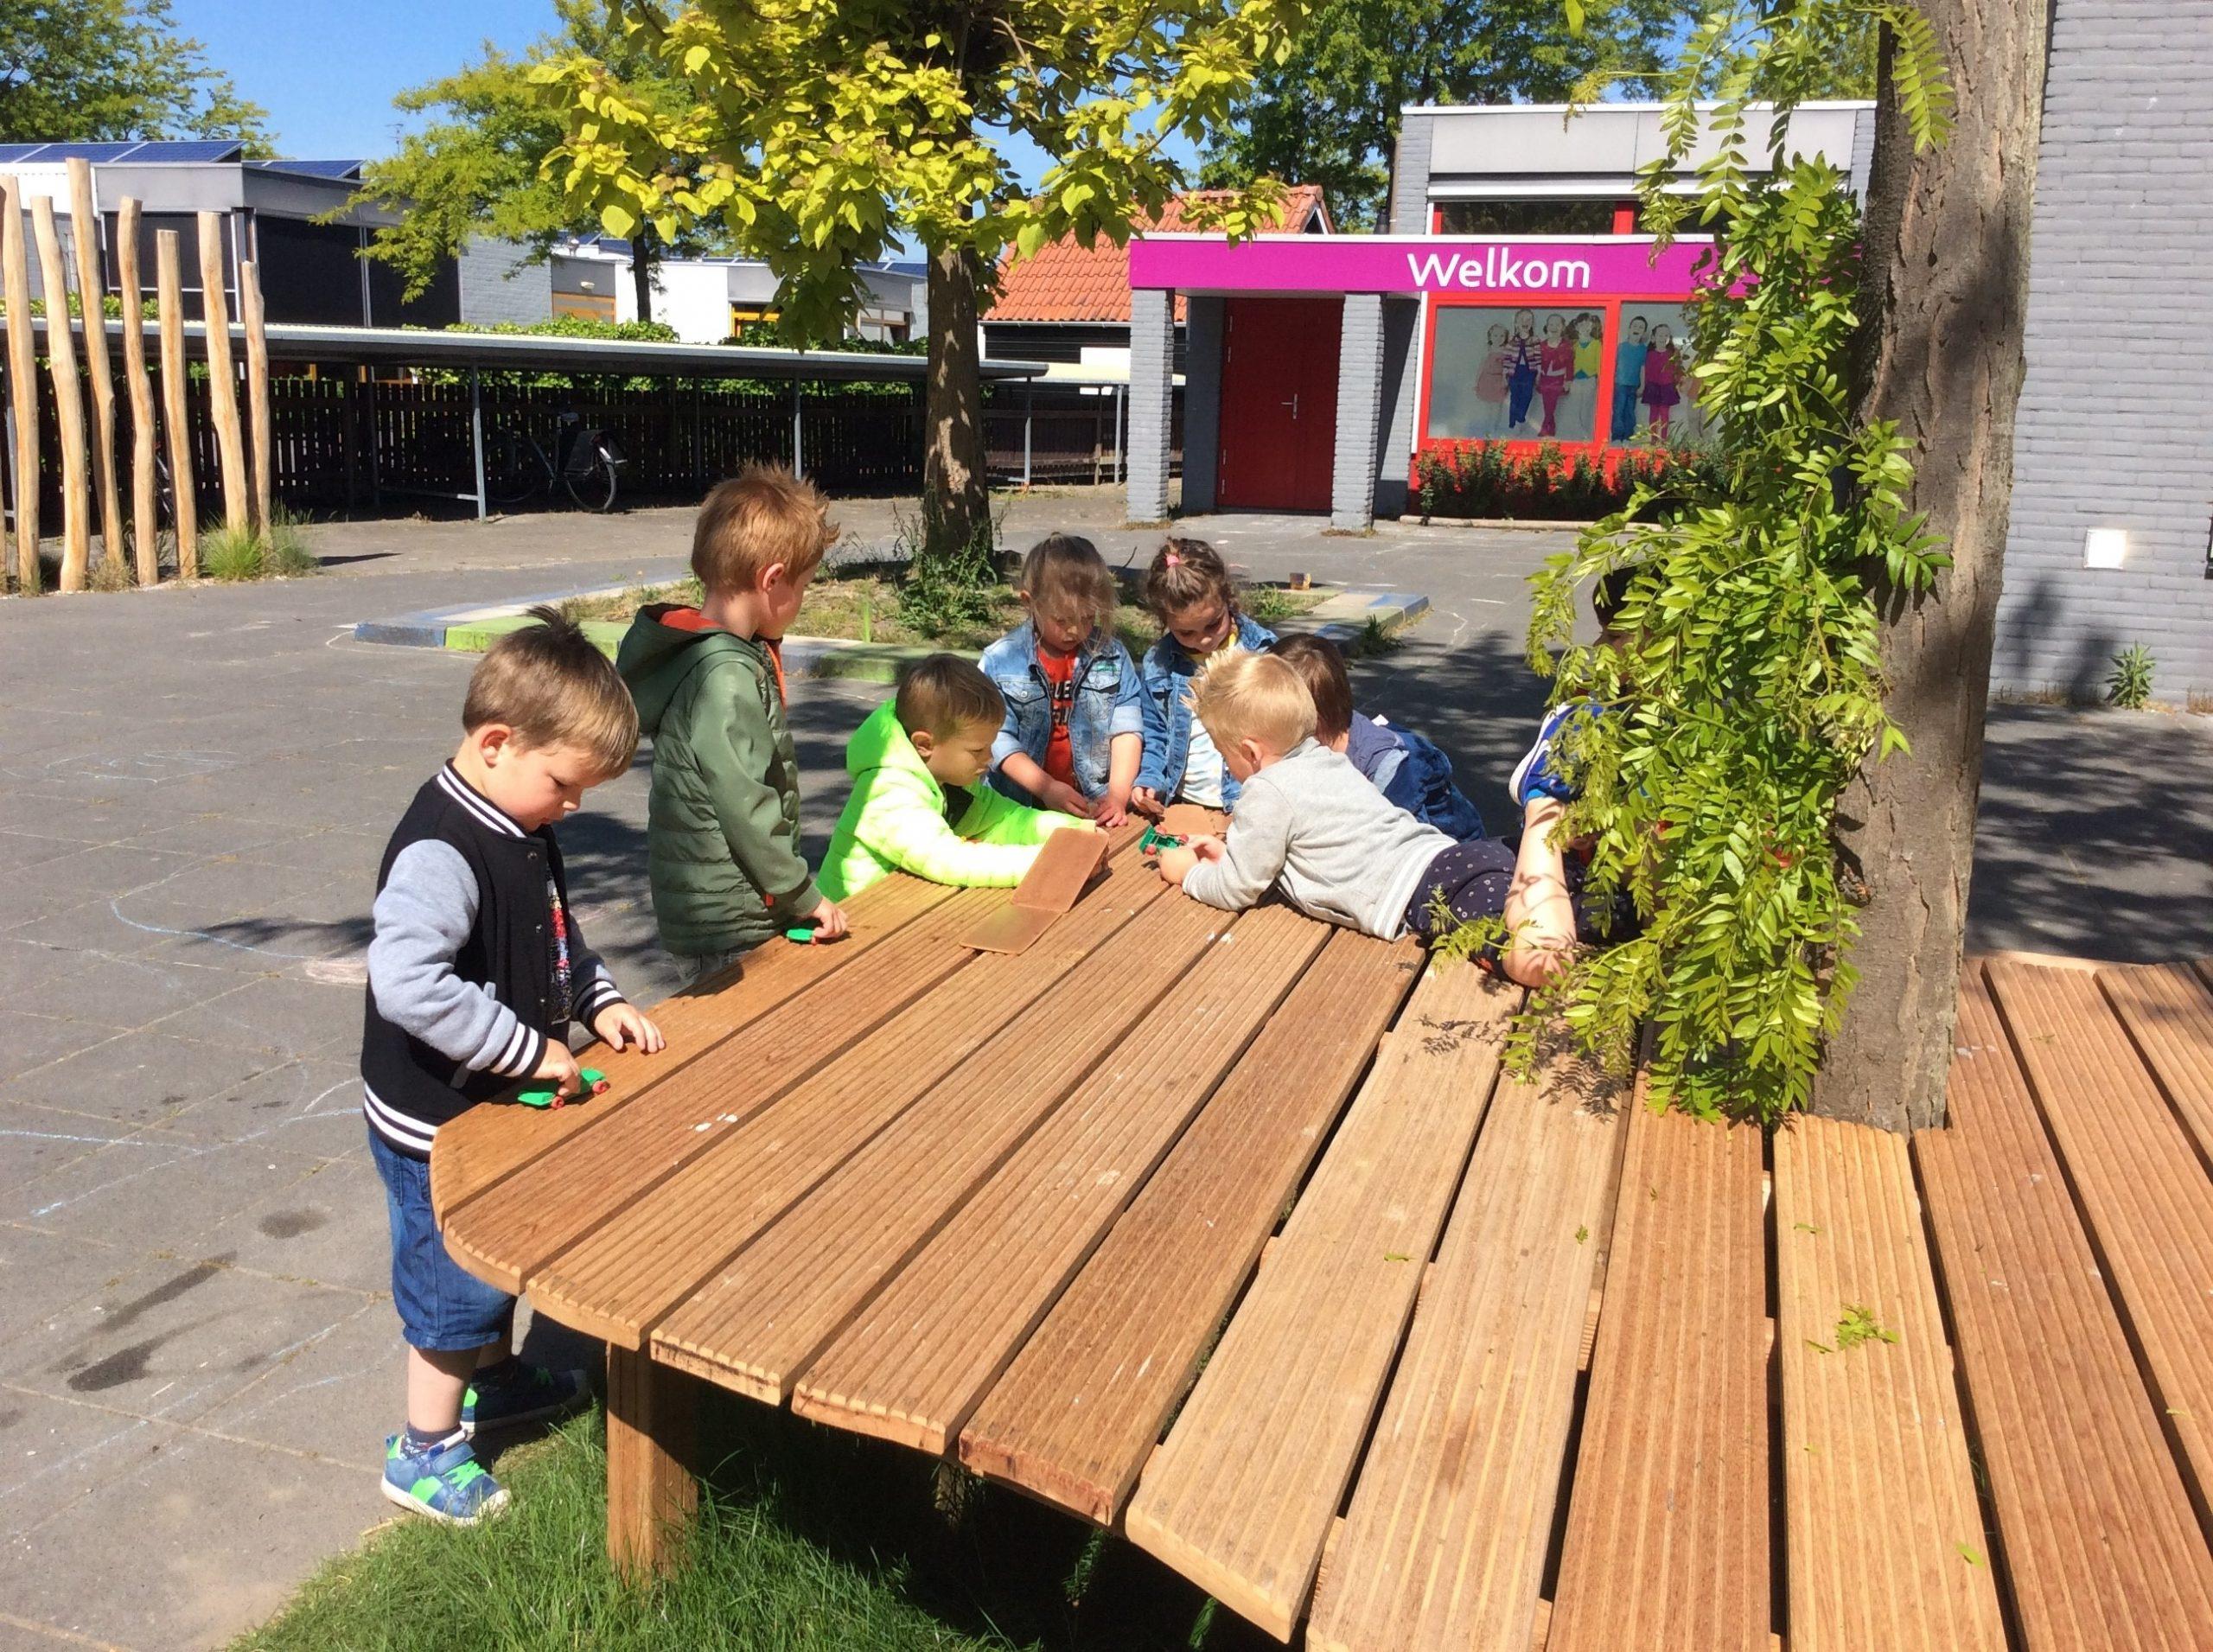 De kleuters van Omnis Kindcentrum de Reiger zijn erg blij met hun buitentafel